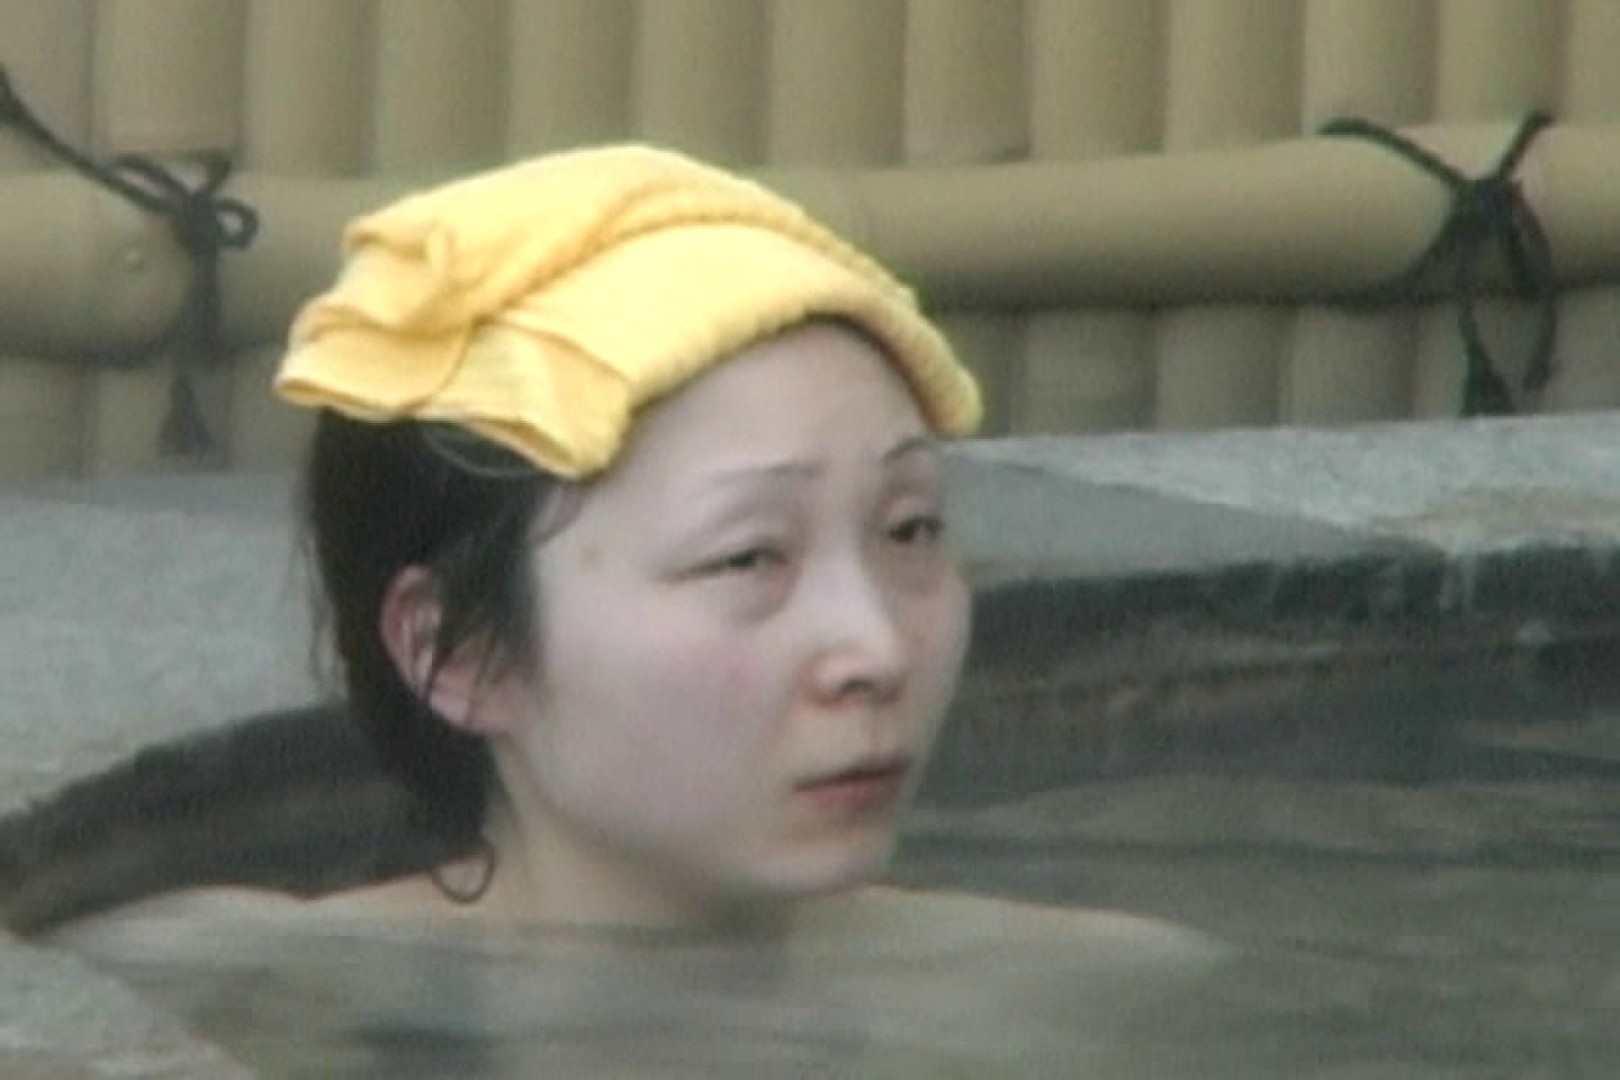 Aquaな露天風呂Vol.596 盗撮シリーズ  113PIX 52